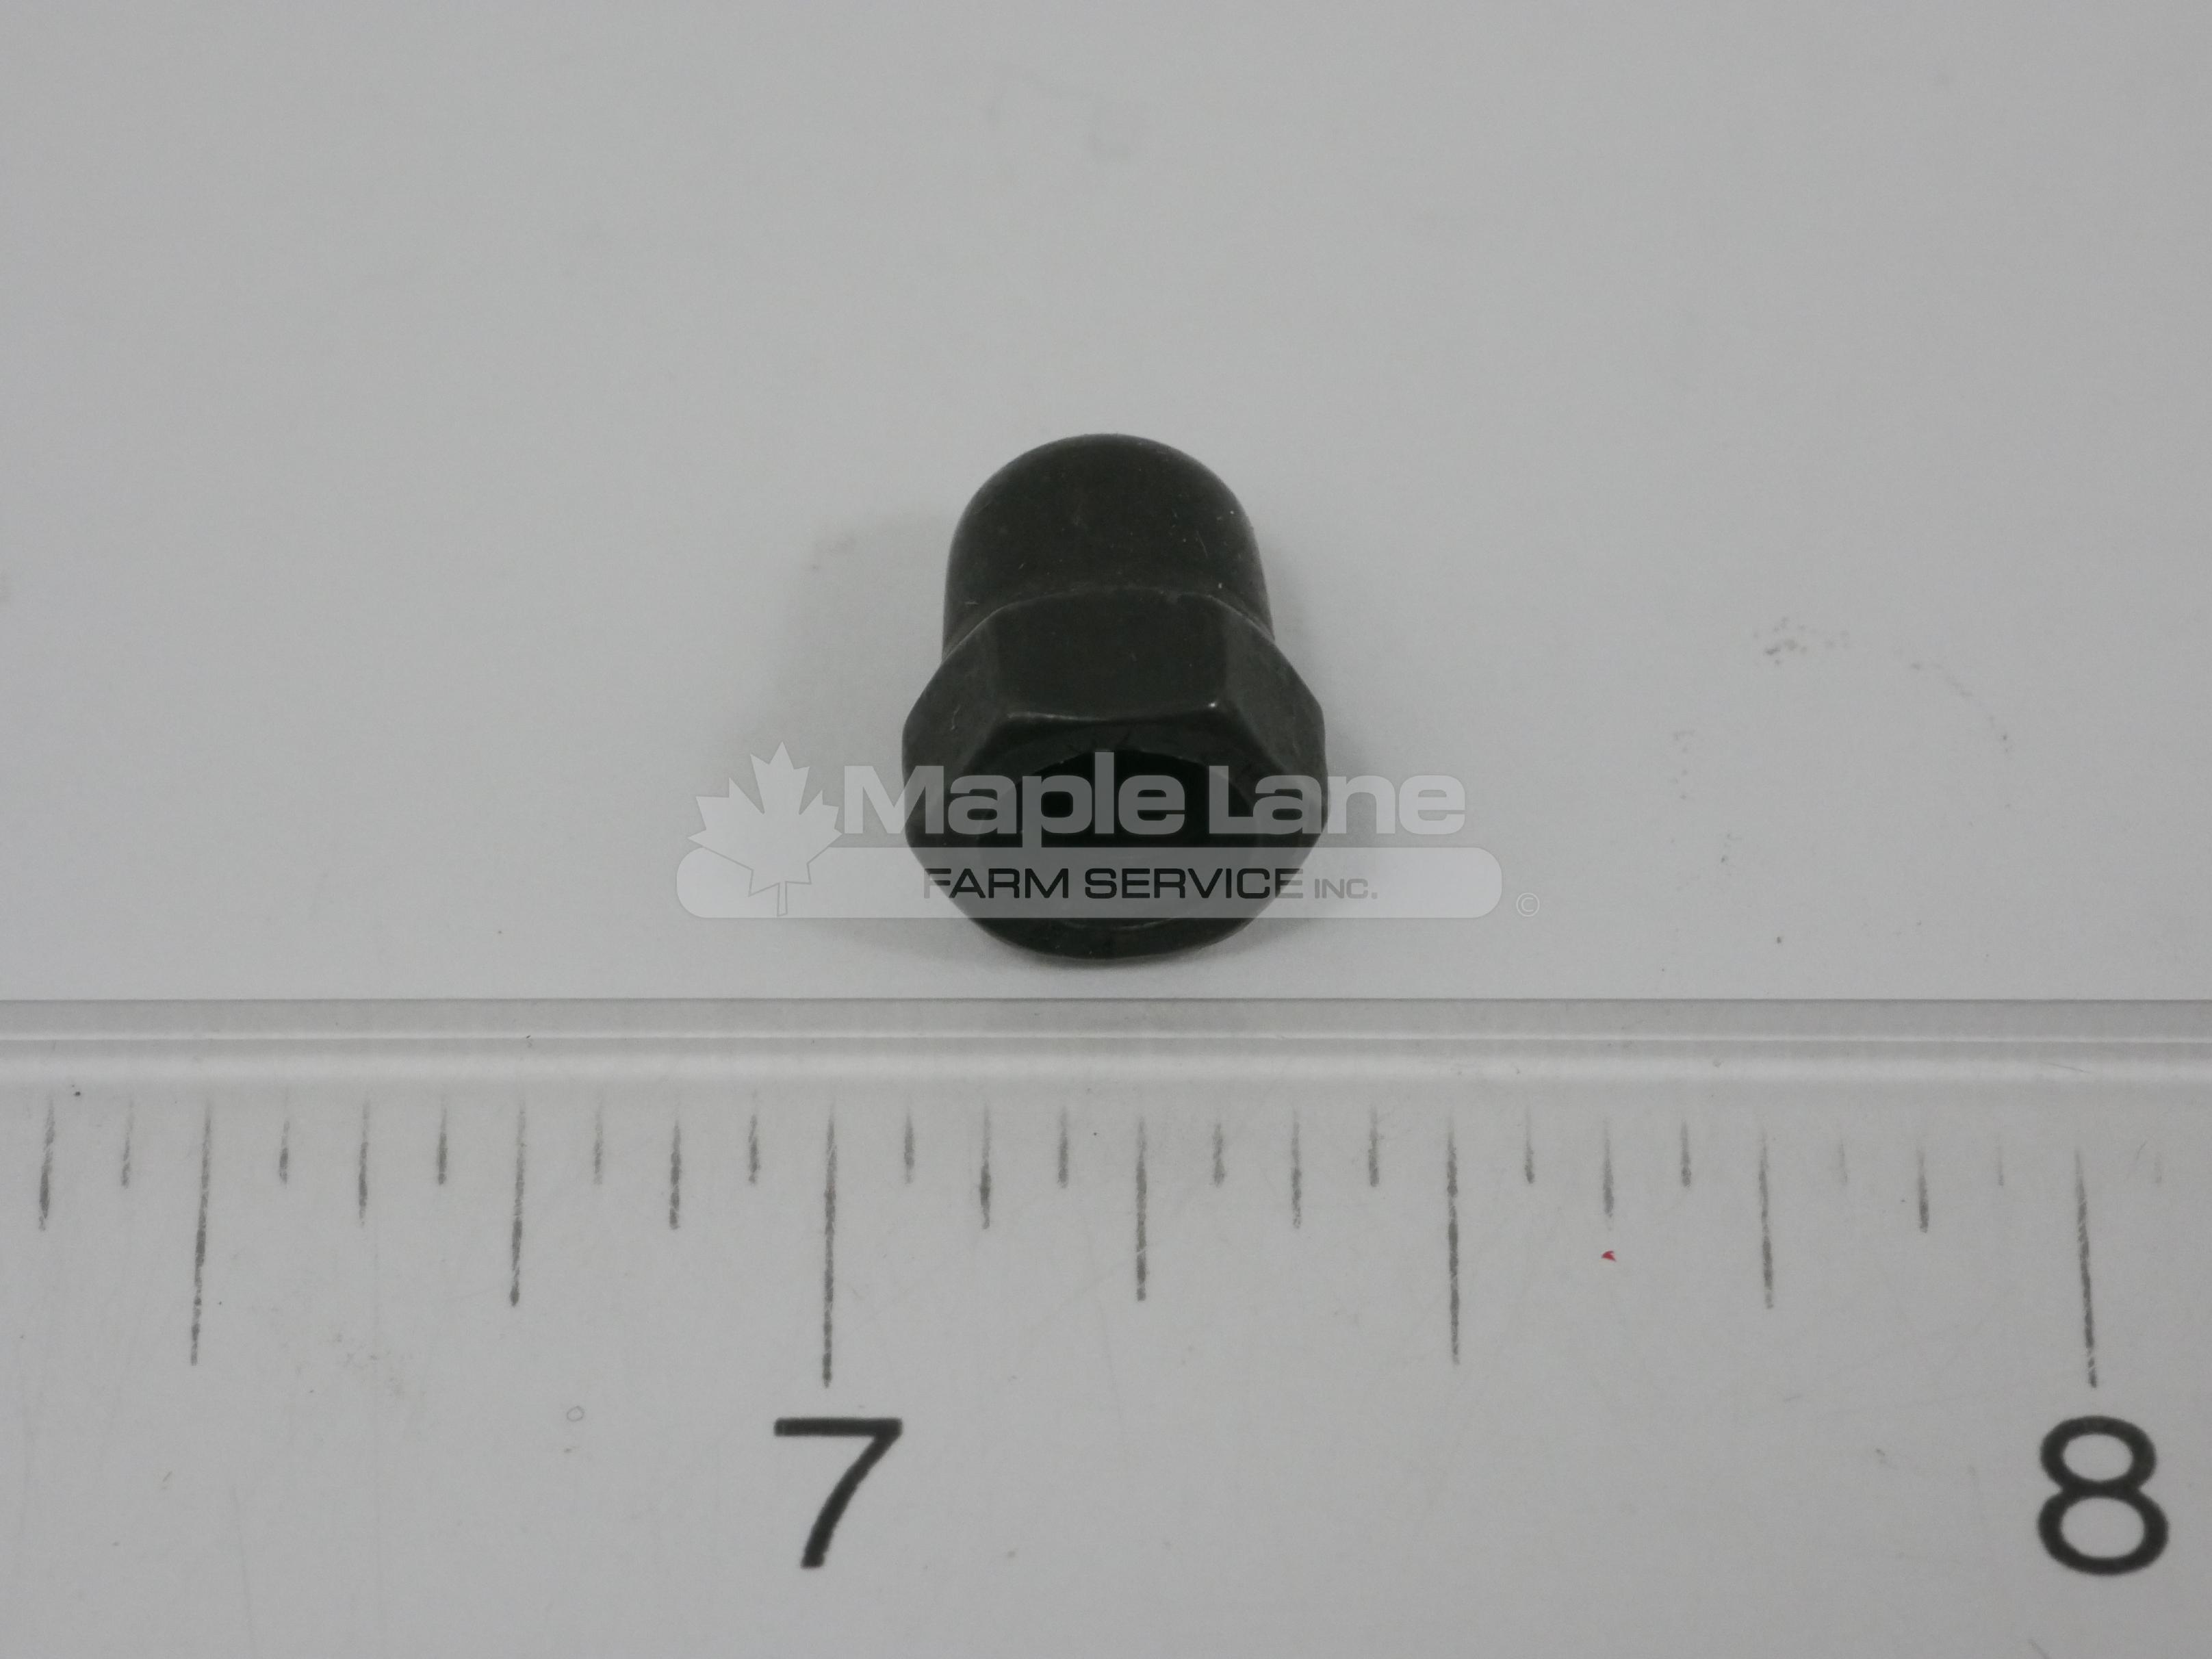 242985 M5 Acorn Nut